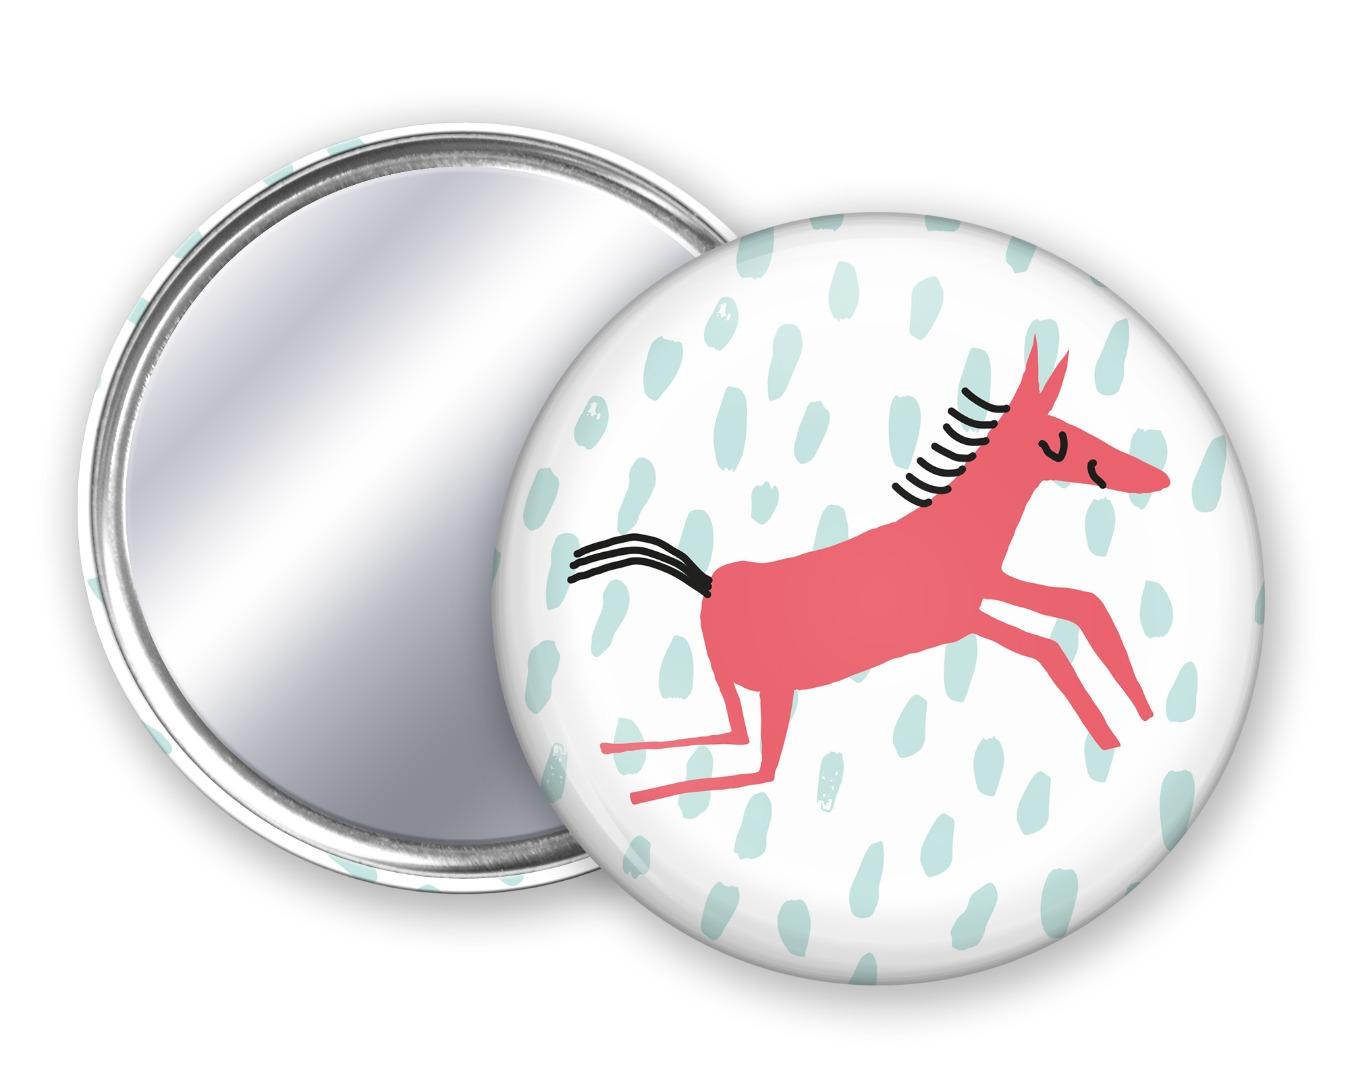 Taschenspiegel Pferdchen Unter Pinien 4